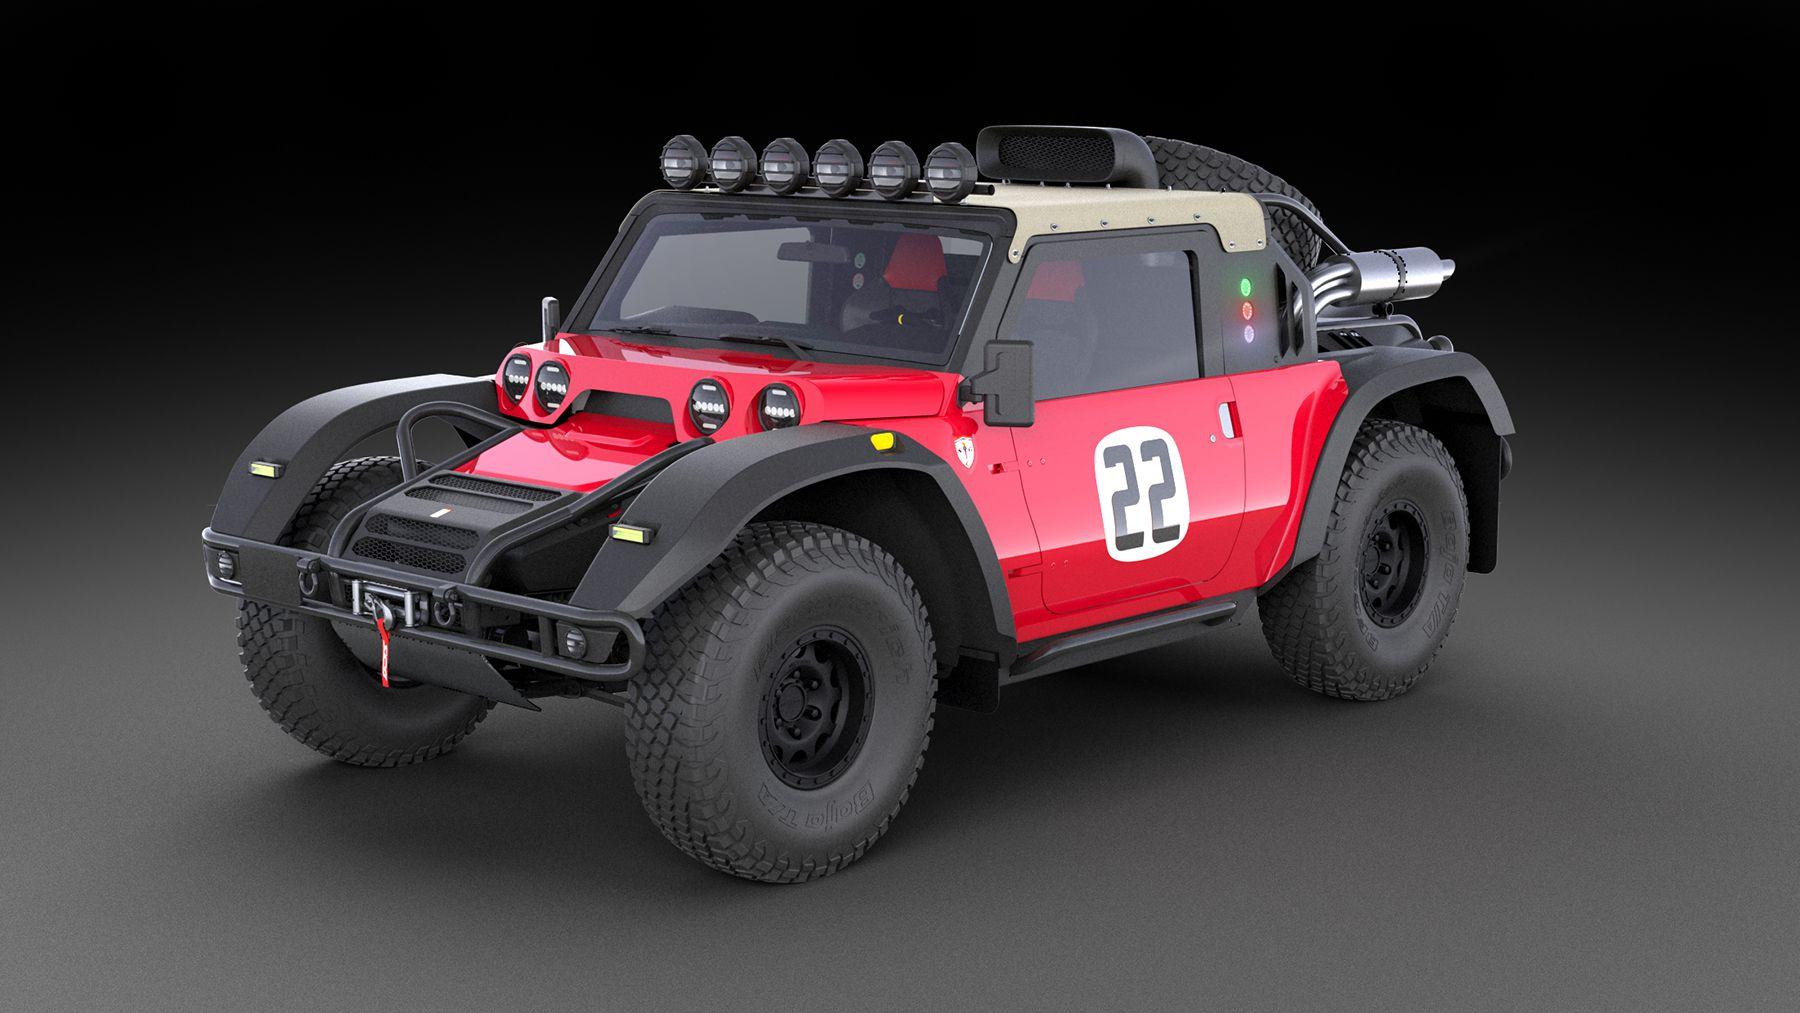 scg-boot-off-road-ad-alte-prestazioni-in-versione-stradale-competizione-v3-362838.jpg